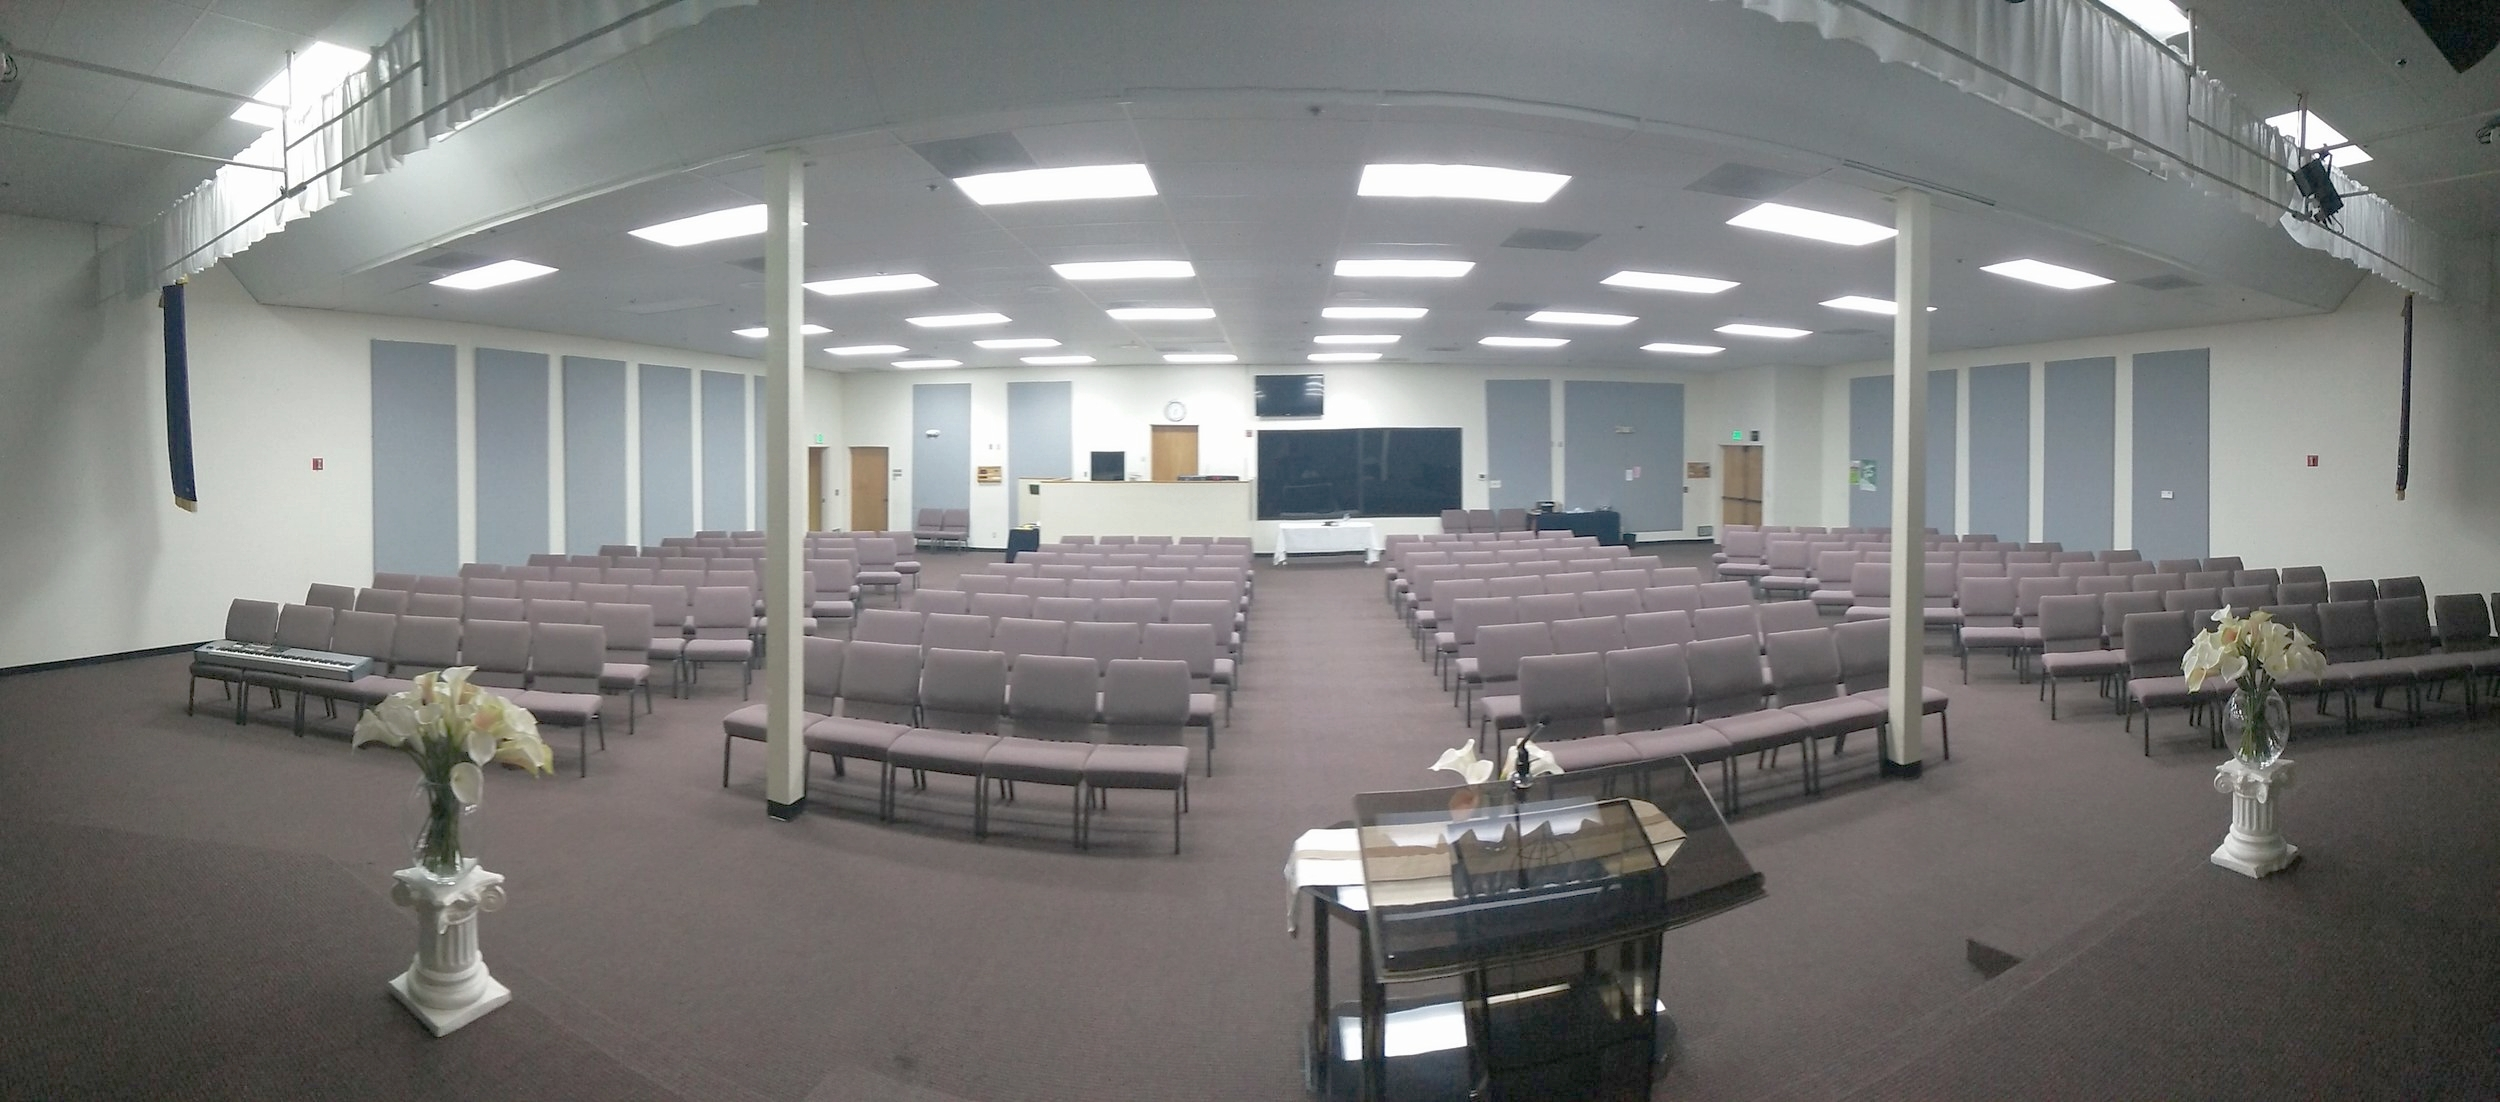 Bienvenido - Una iglesia que aprende de la Palabra de Dios, ama a toda la gente y vive la vida abundante ...